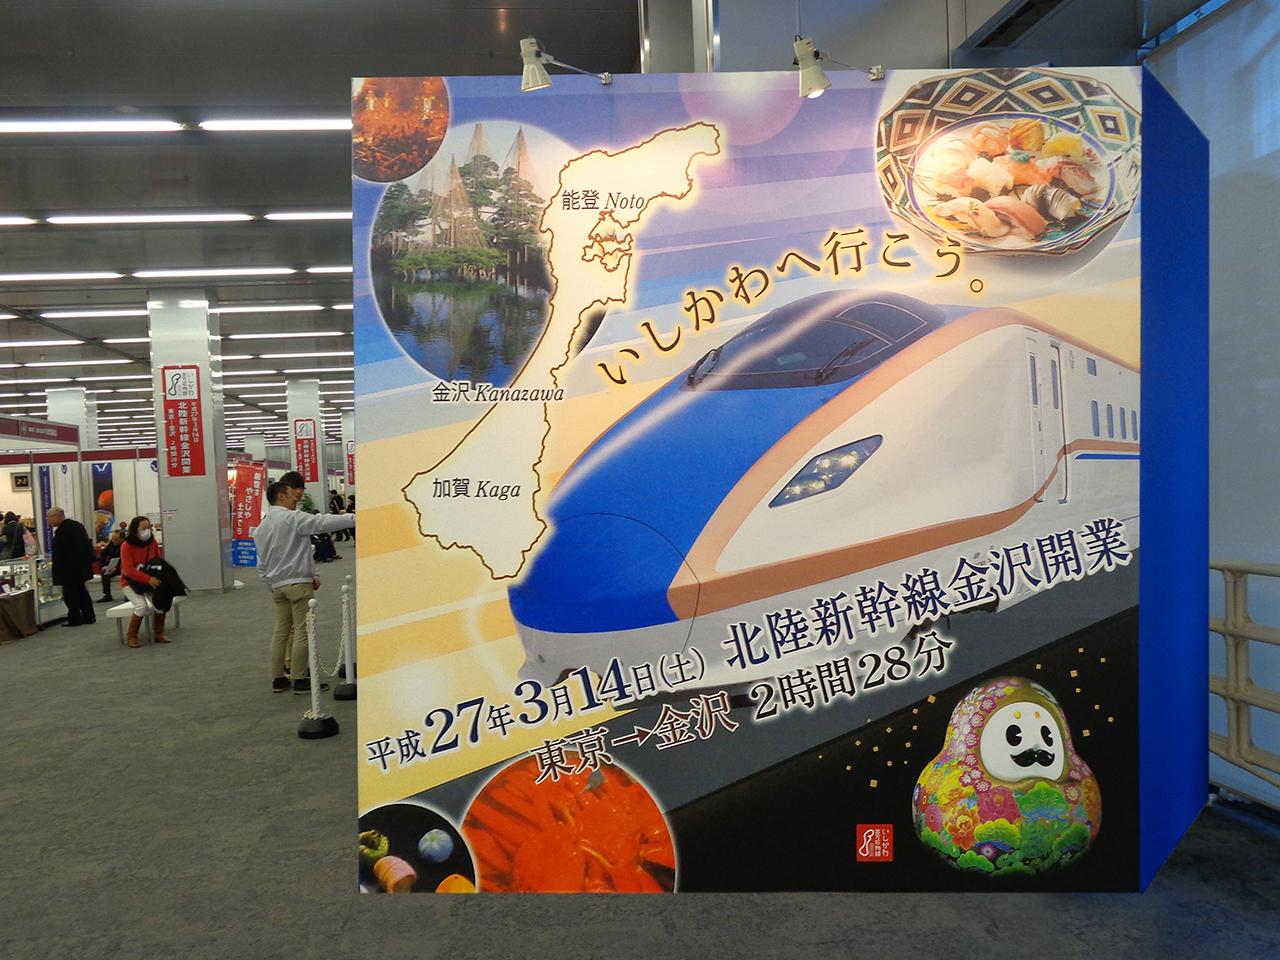 http://moritetsu.info/train/img/DSC04644sssss.jpg